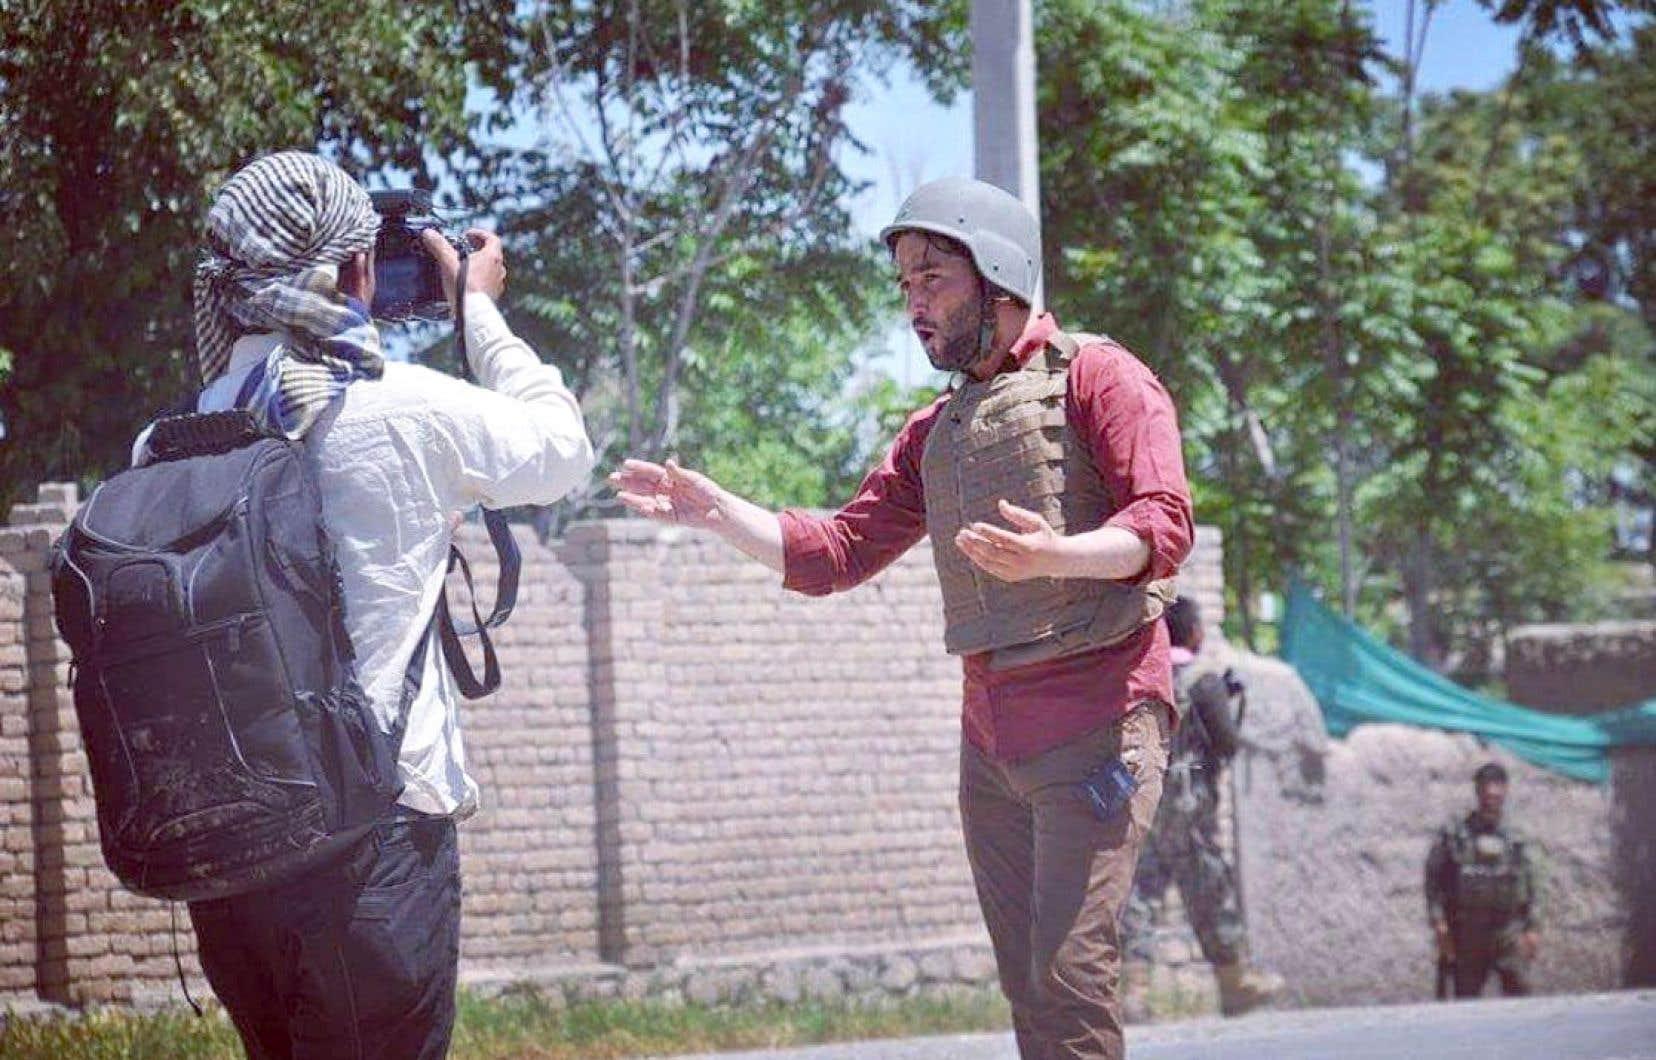 Karim Amini, jeune reporter de guerre et animateur vedette de la chaîne de nouvelles en continu TOLOnews depuis 2016, se trouvait en voyage en Ouzbékistan lors de la prise de Kaboul par les talibans, le 15 août. Il n'a jamais pu retourner en Afghanistan depuis.